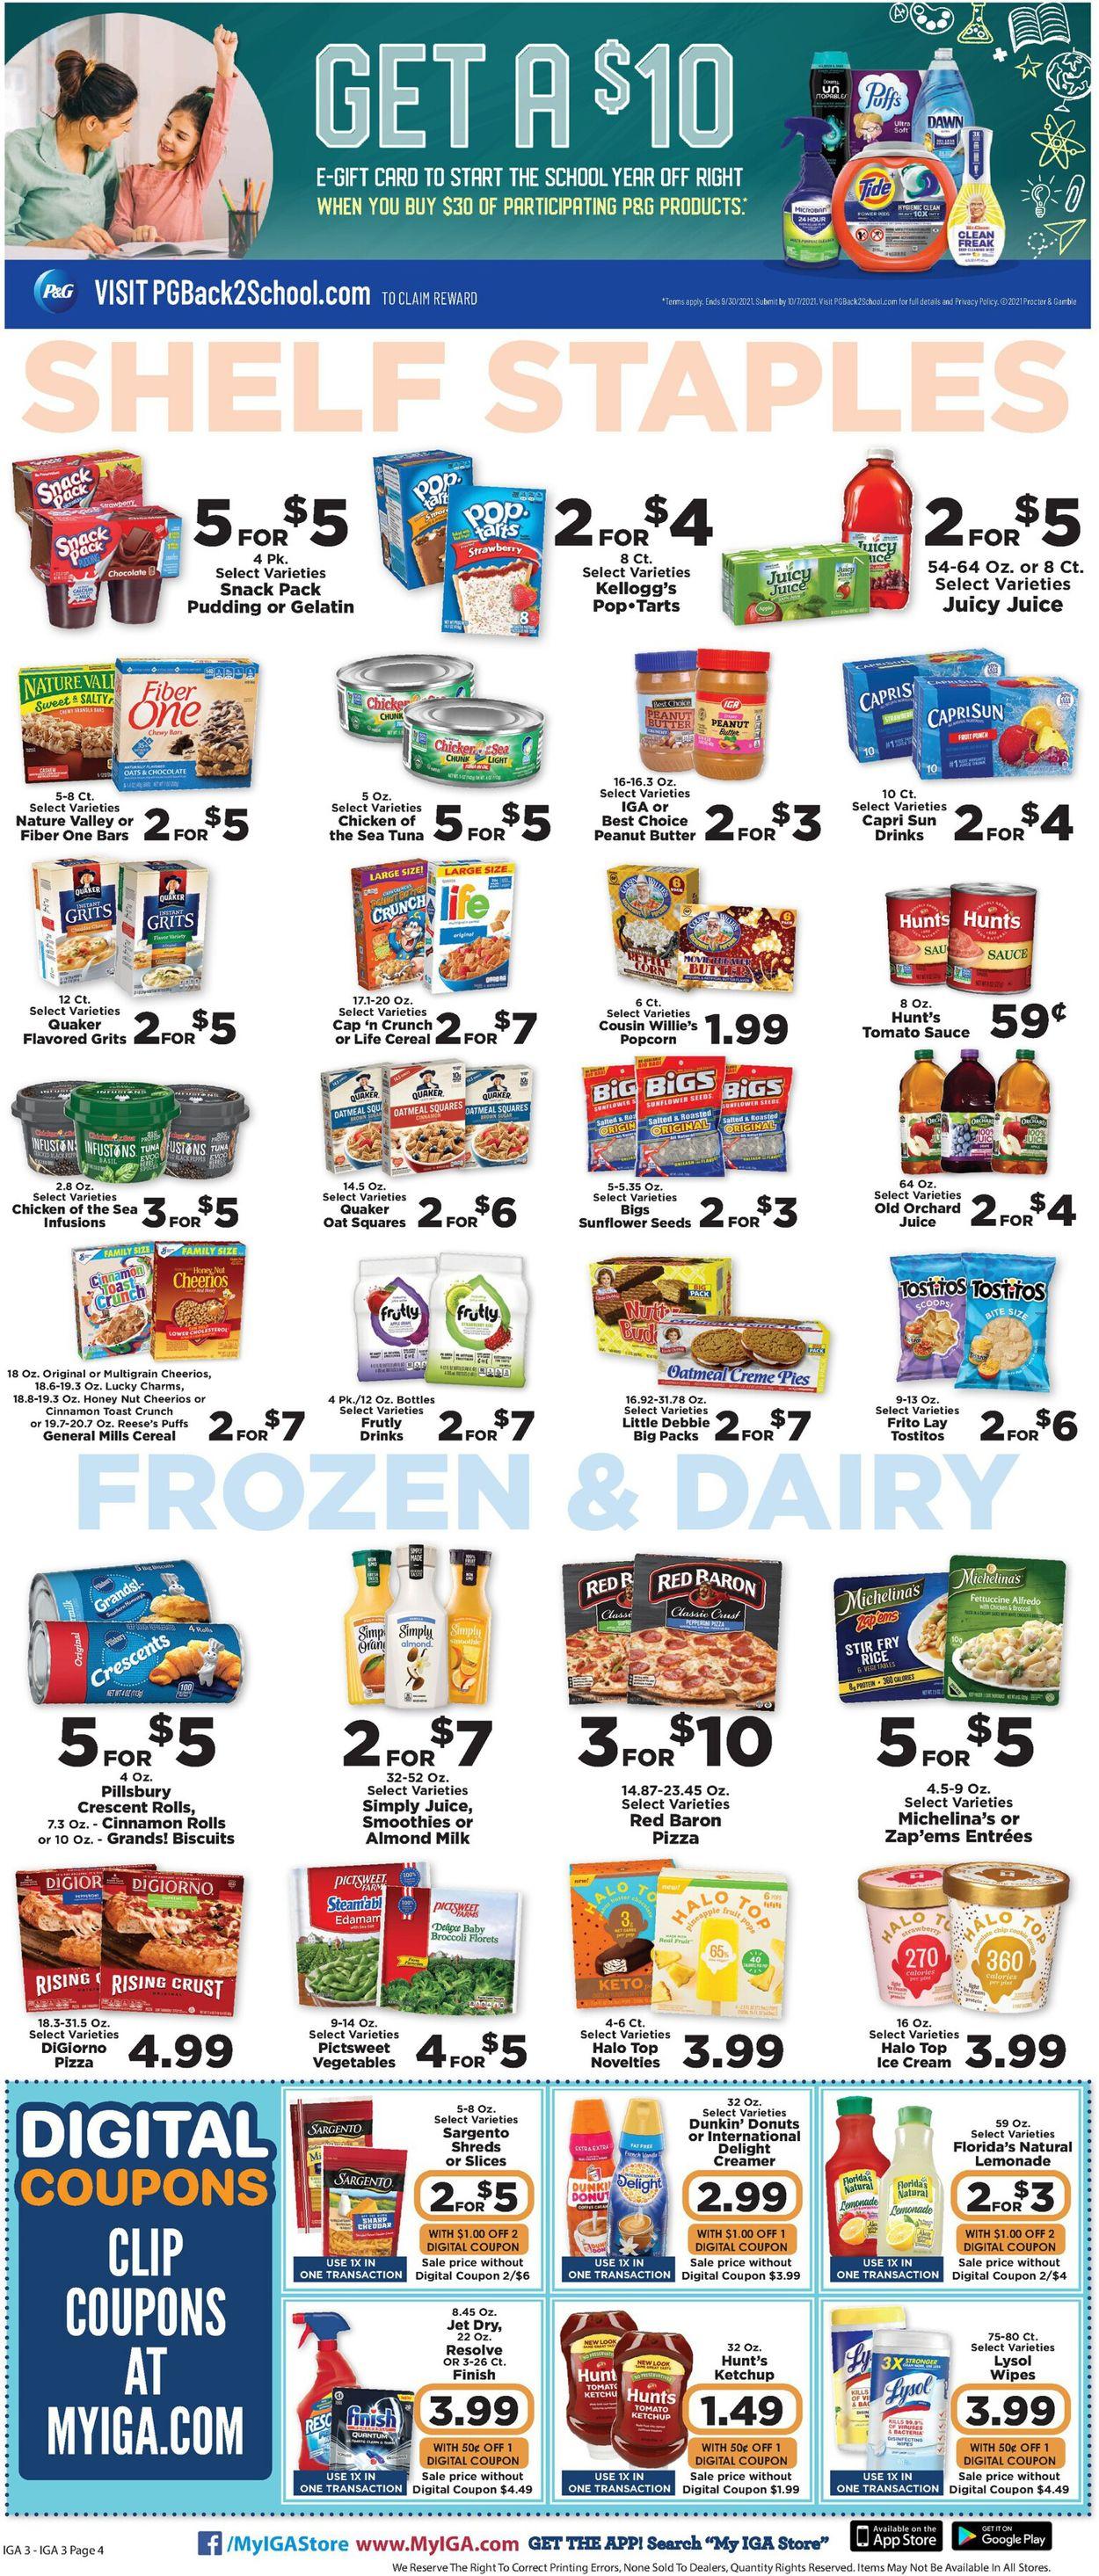 IGA Weekly Ad Circular - valid 07/28-08/03/2021 (Page 4)